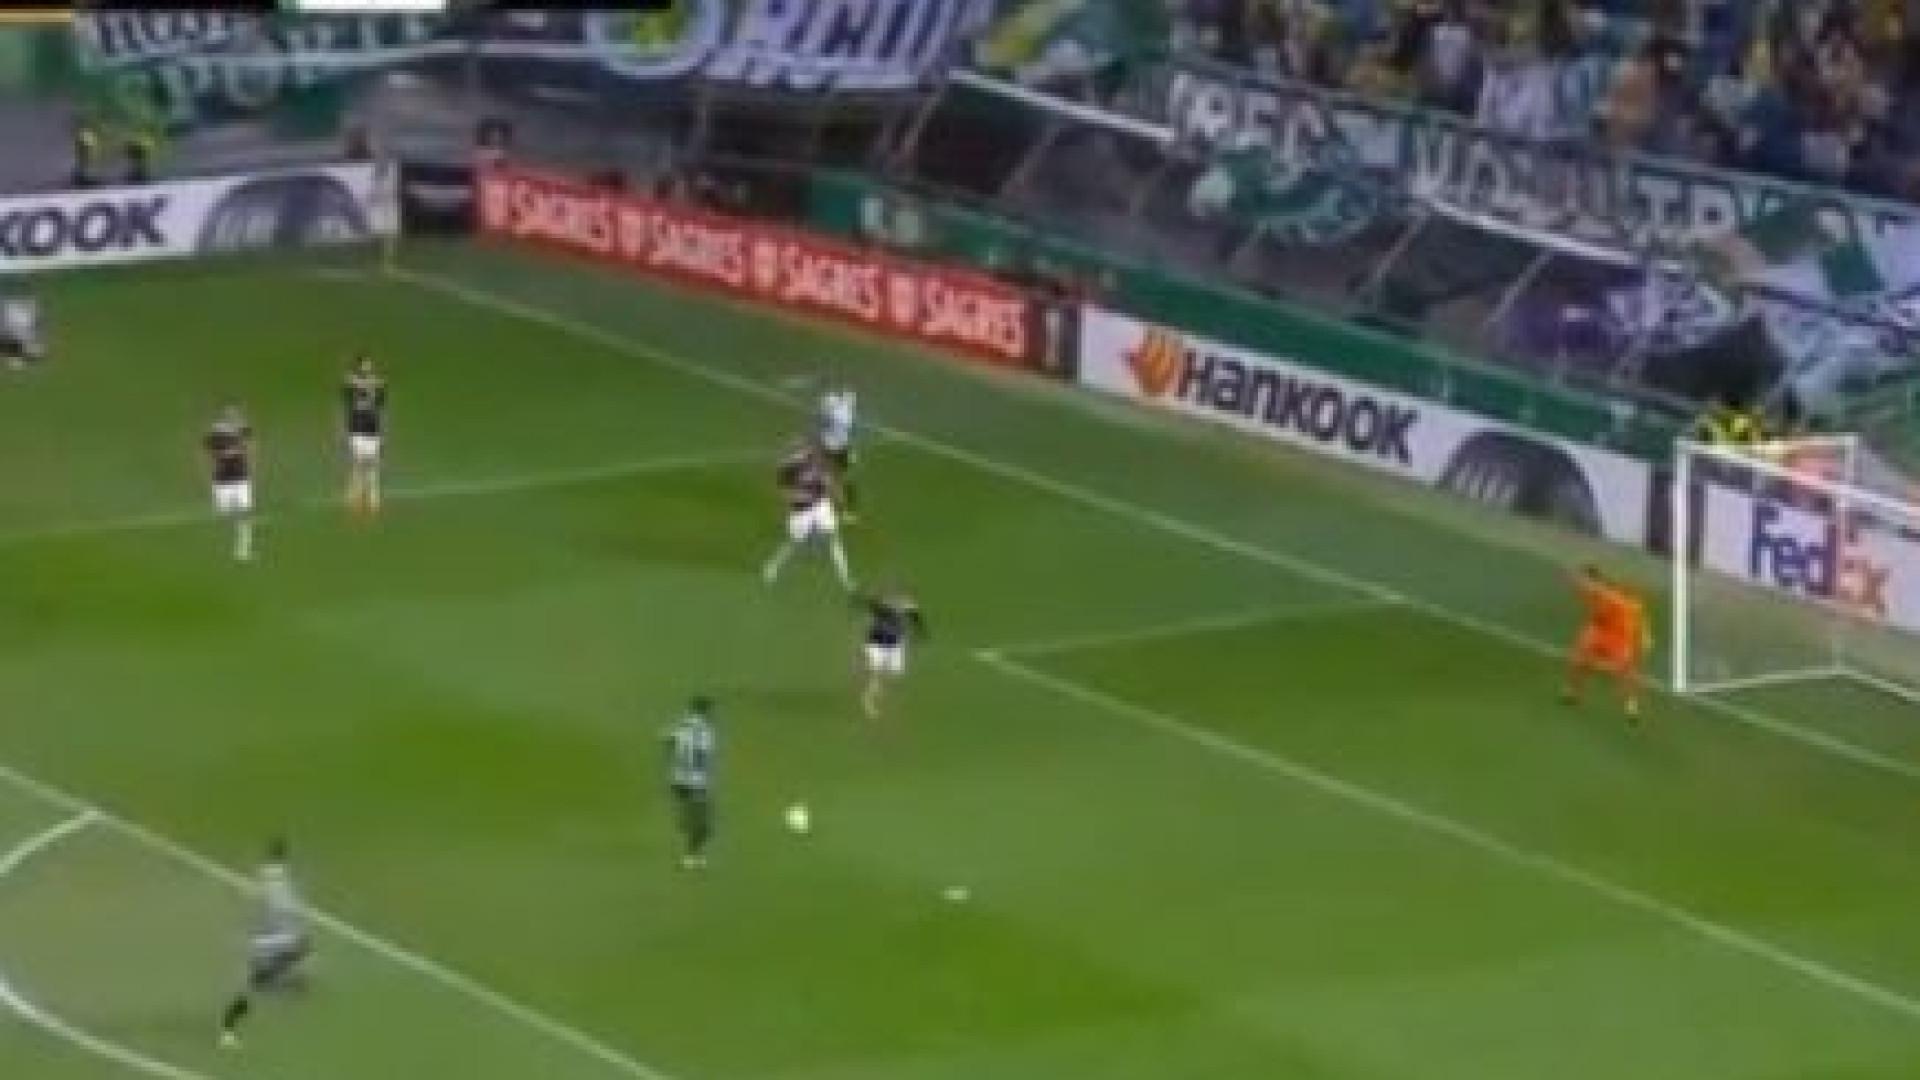 Jovane estreou-se na Europa e marcou um golo à velocidade 'TGV'